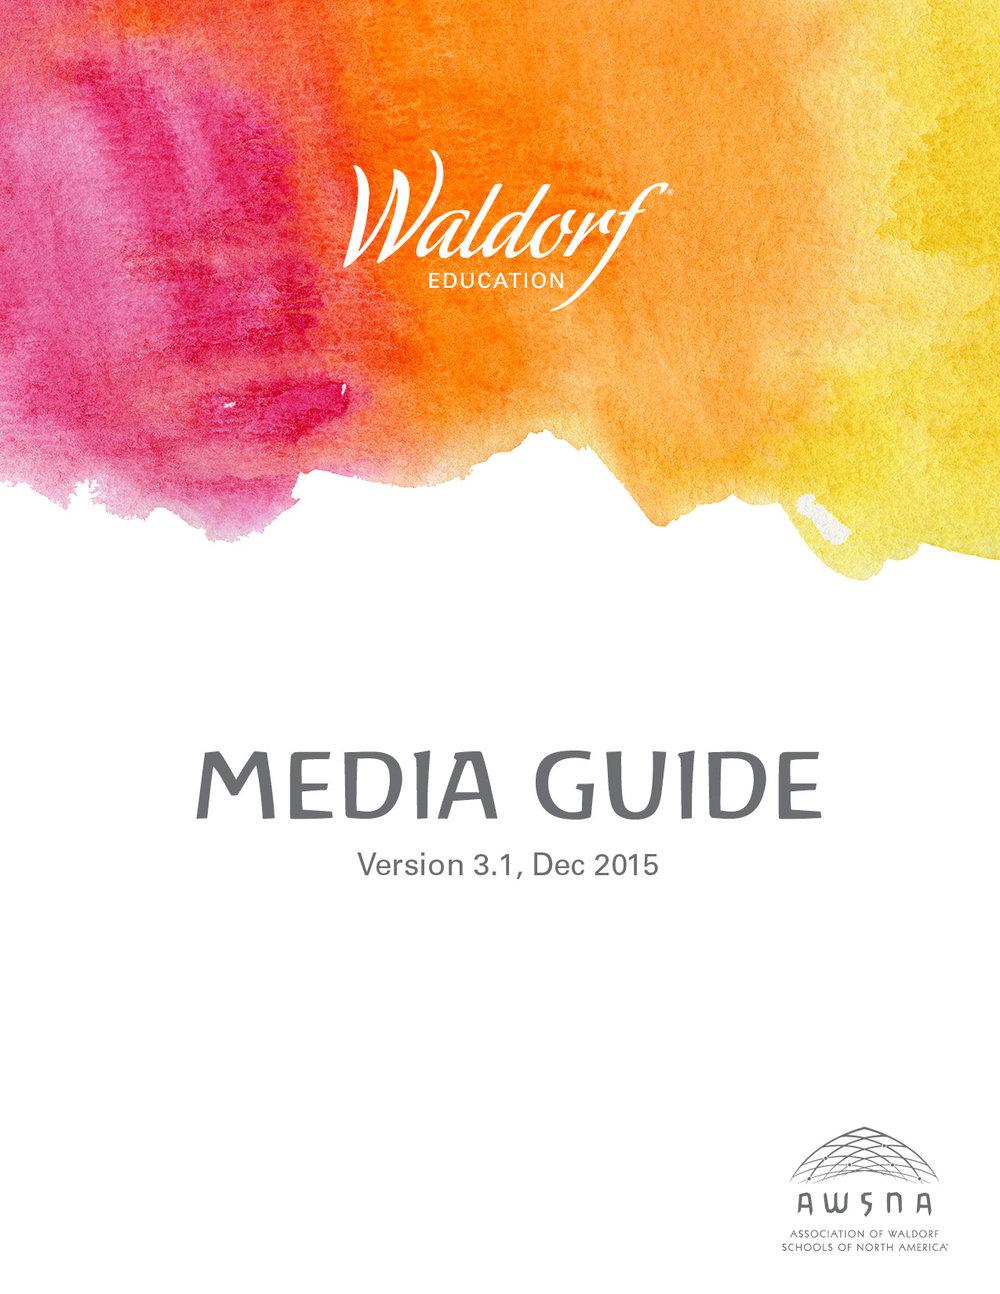 WE_MediaGuide3.1_Print.jpg